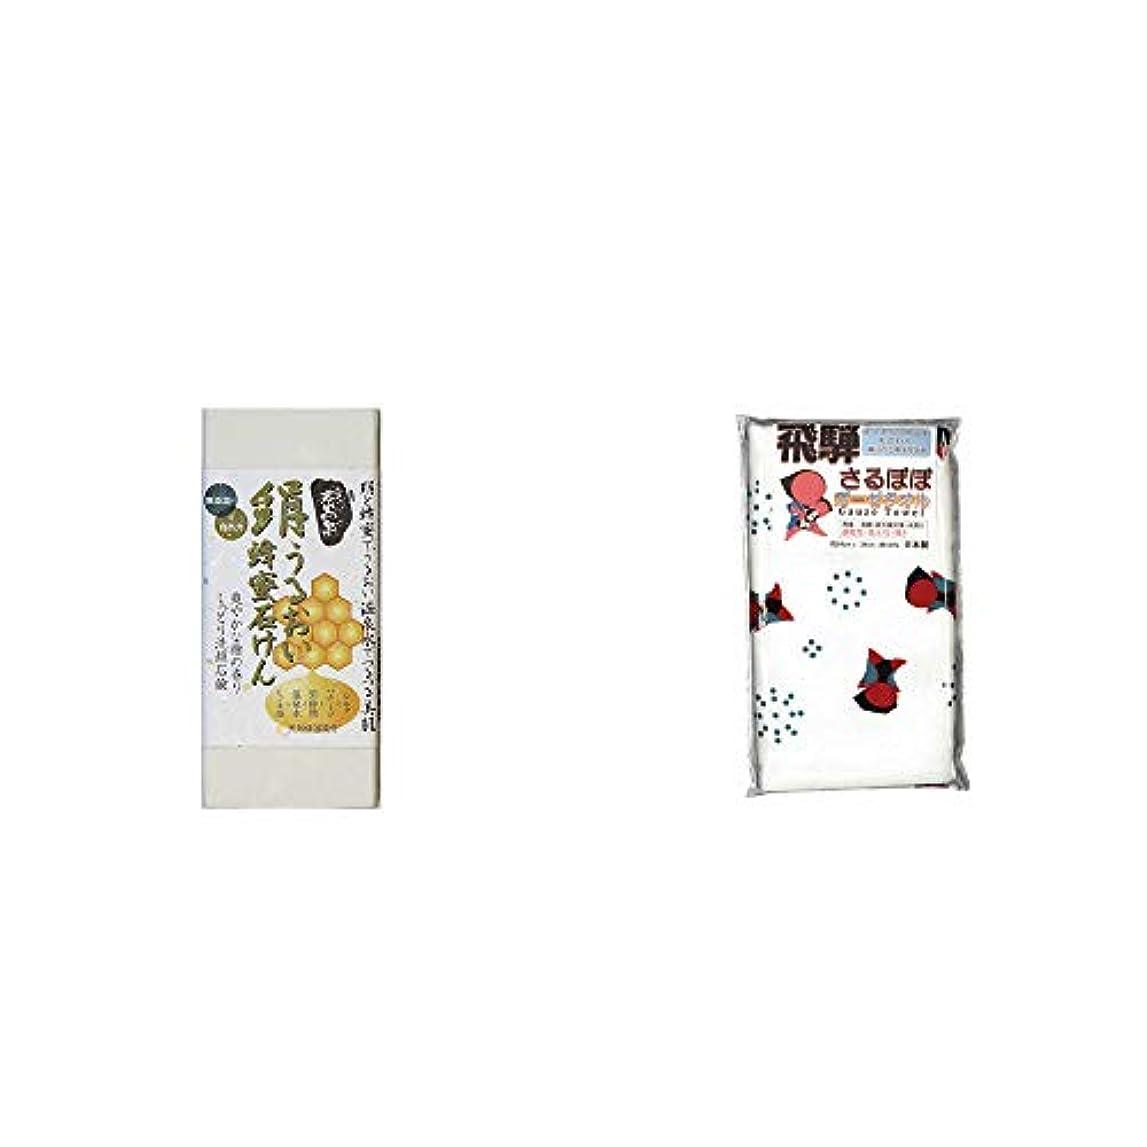 結晶作成者スーダン[2点セット] ひのき炭黒泉 絹うるおい蜂蜜石けん(75g×2)?飛騨さるぼぼ ガーゼタオル